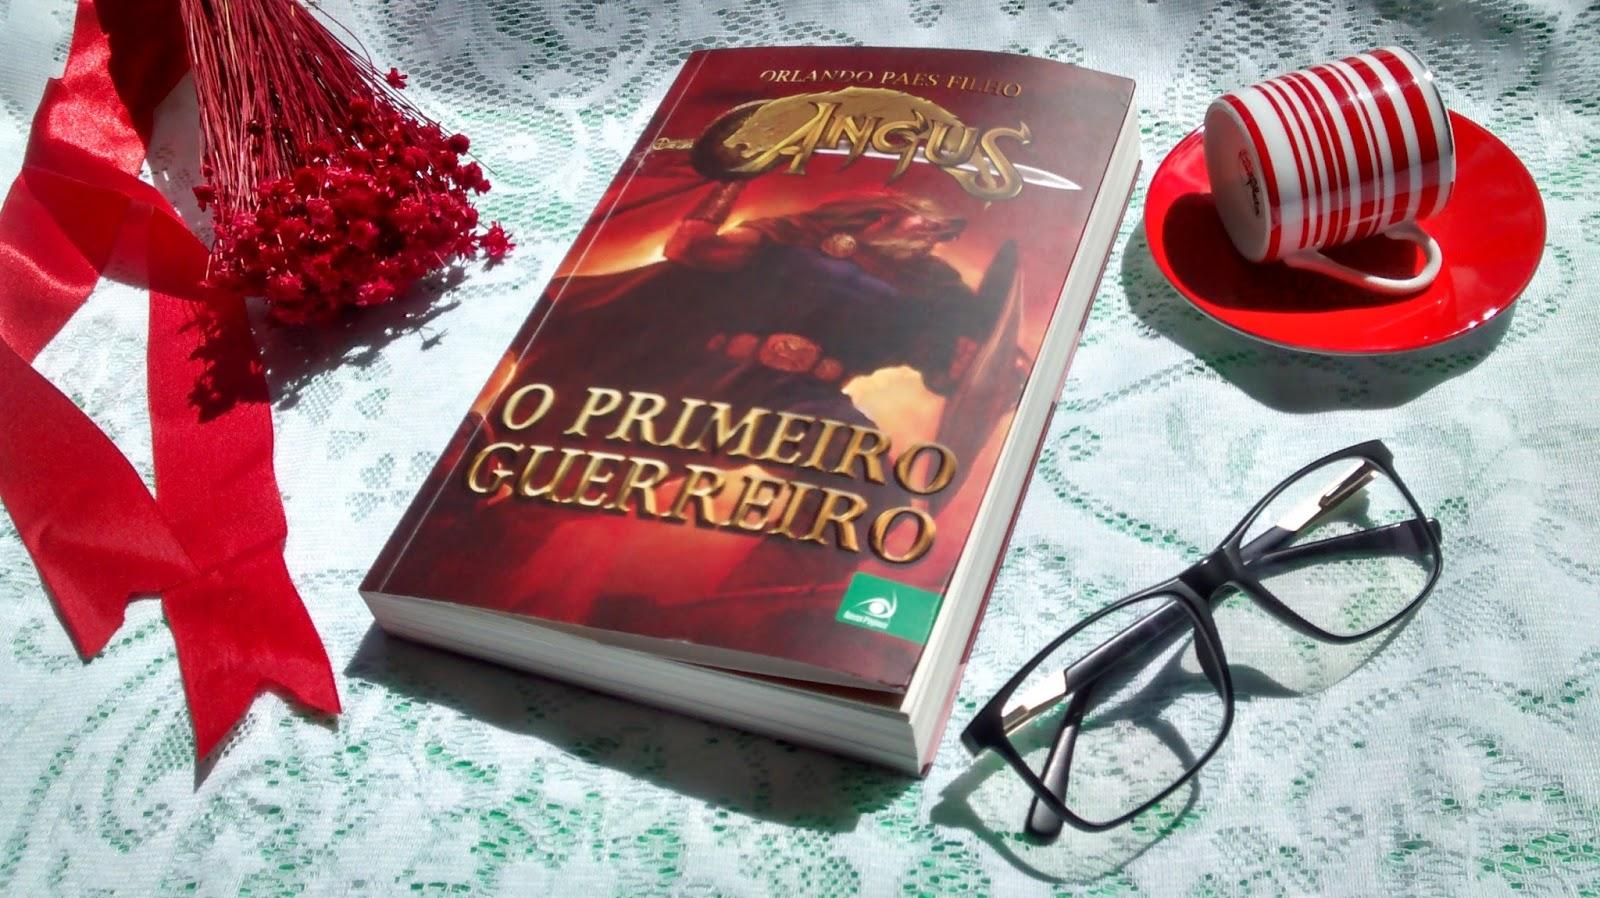 Livro Novo Conceito - Angus - O Primeiro Guerreiro # 1 - Orlando Paes Filho